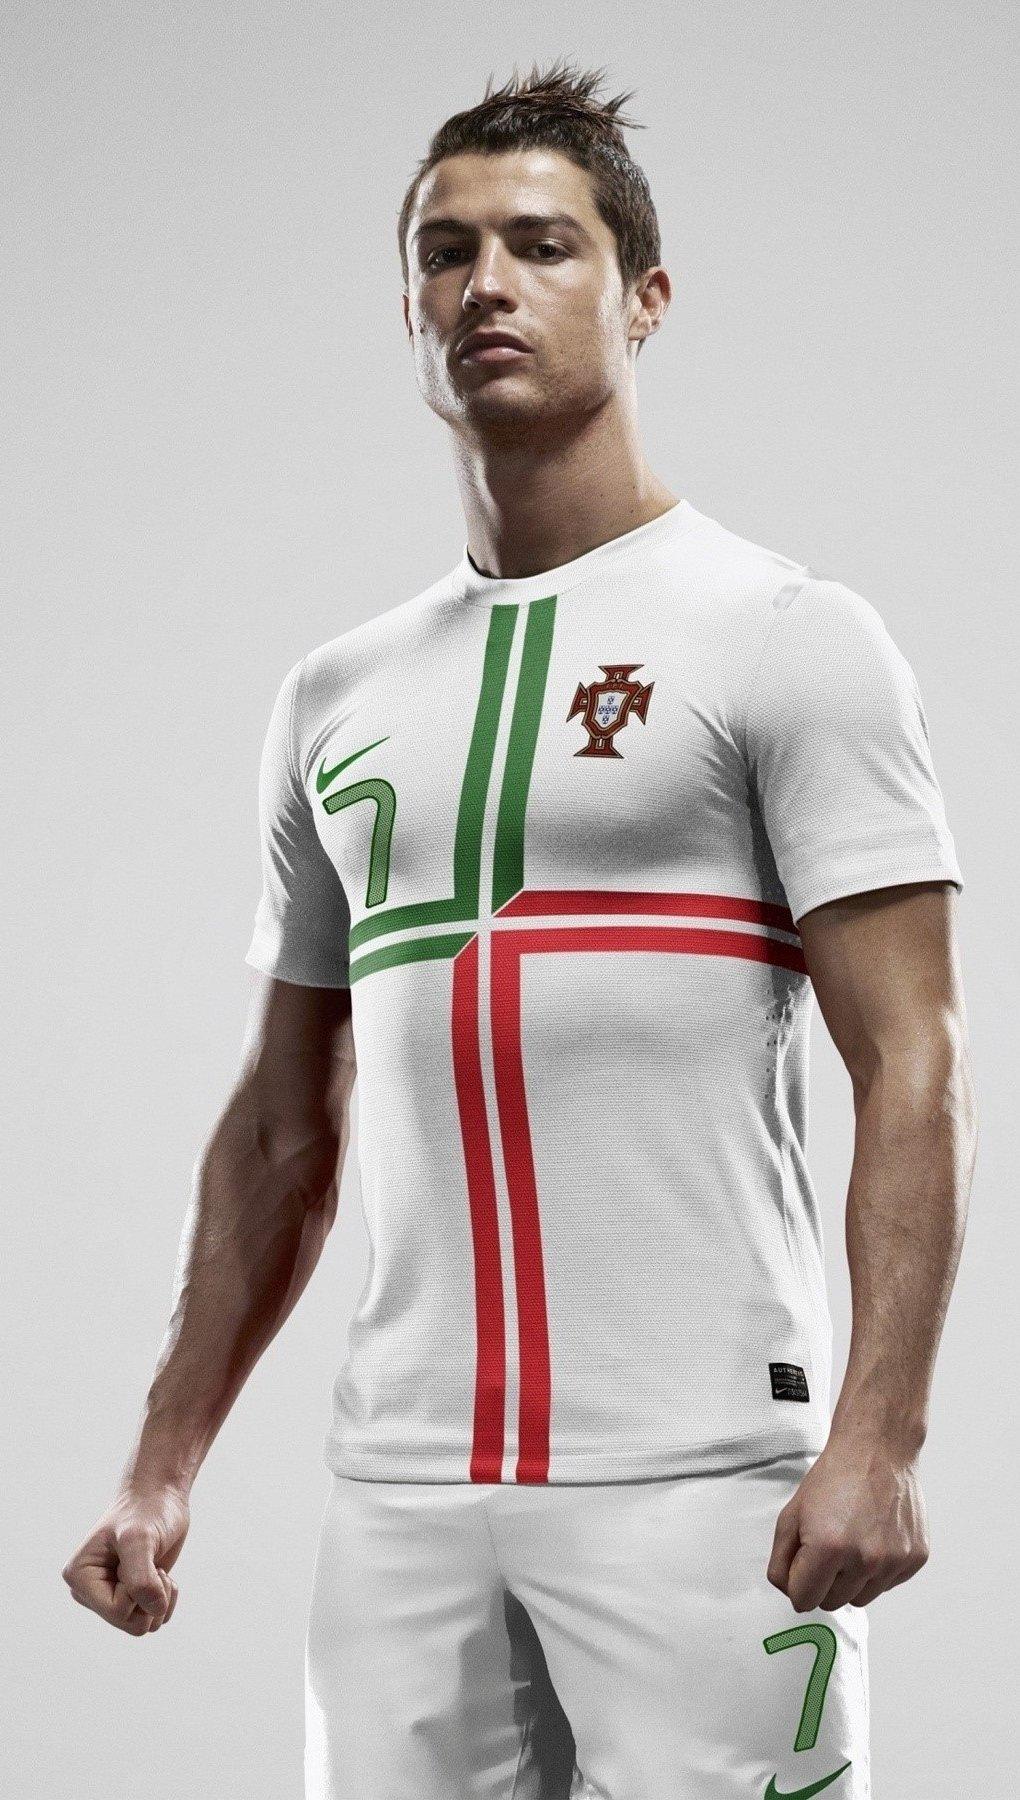 Wallpaper Cristiano Ronaldo in Portugal Vertical